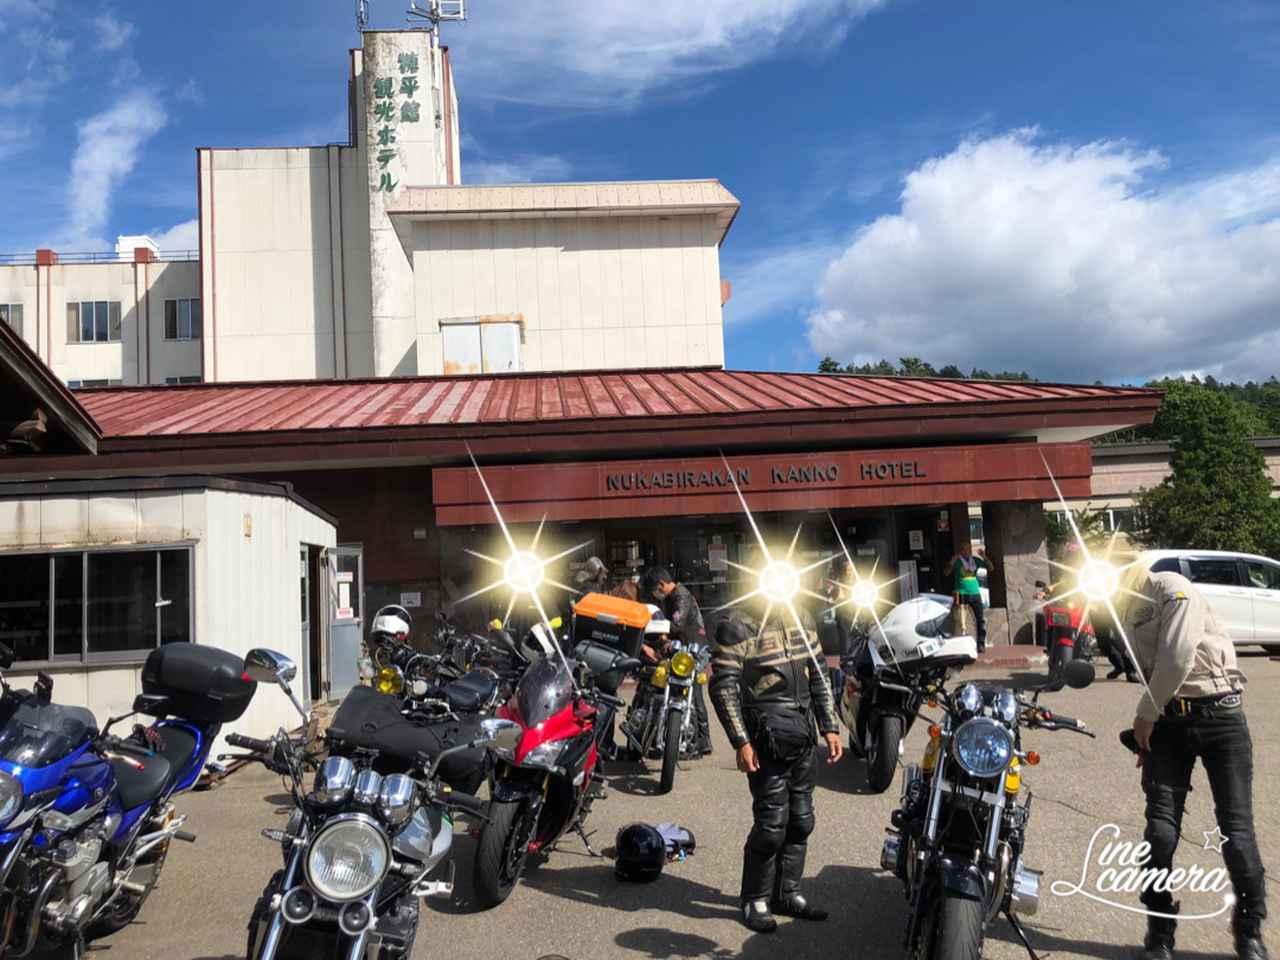 画像: 札幌カスタムバイクショップ Mecha dock メカドック